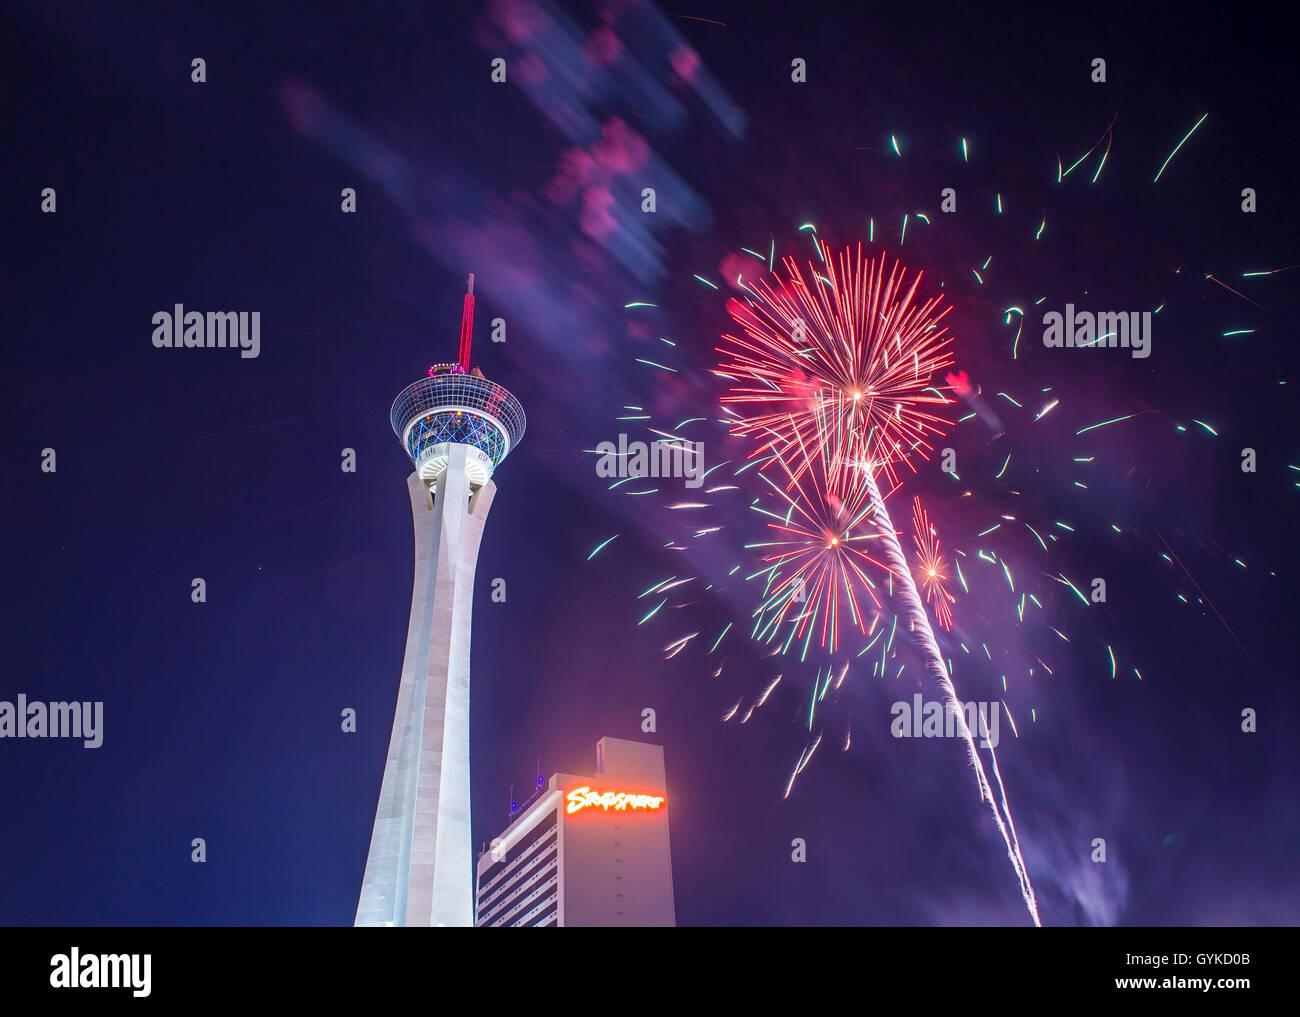 El Stratosphere Tower show de fuegos artificiales como parte de la celebración del 4 de julio en Las Vegas Foto de stock